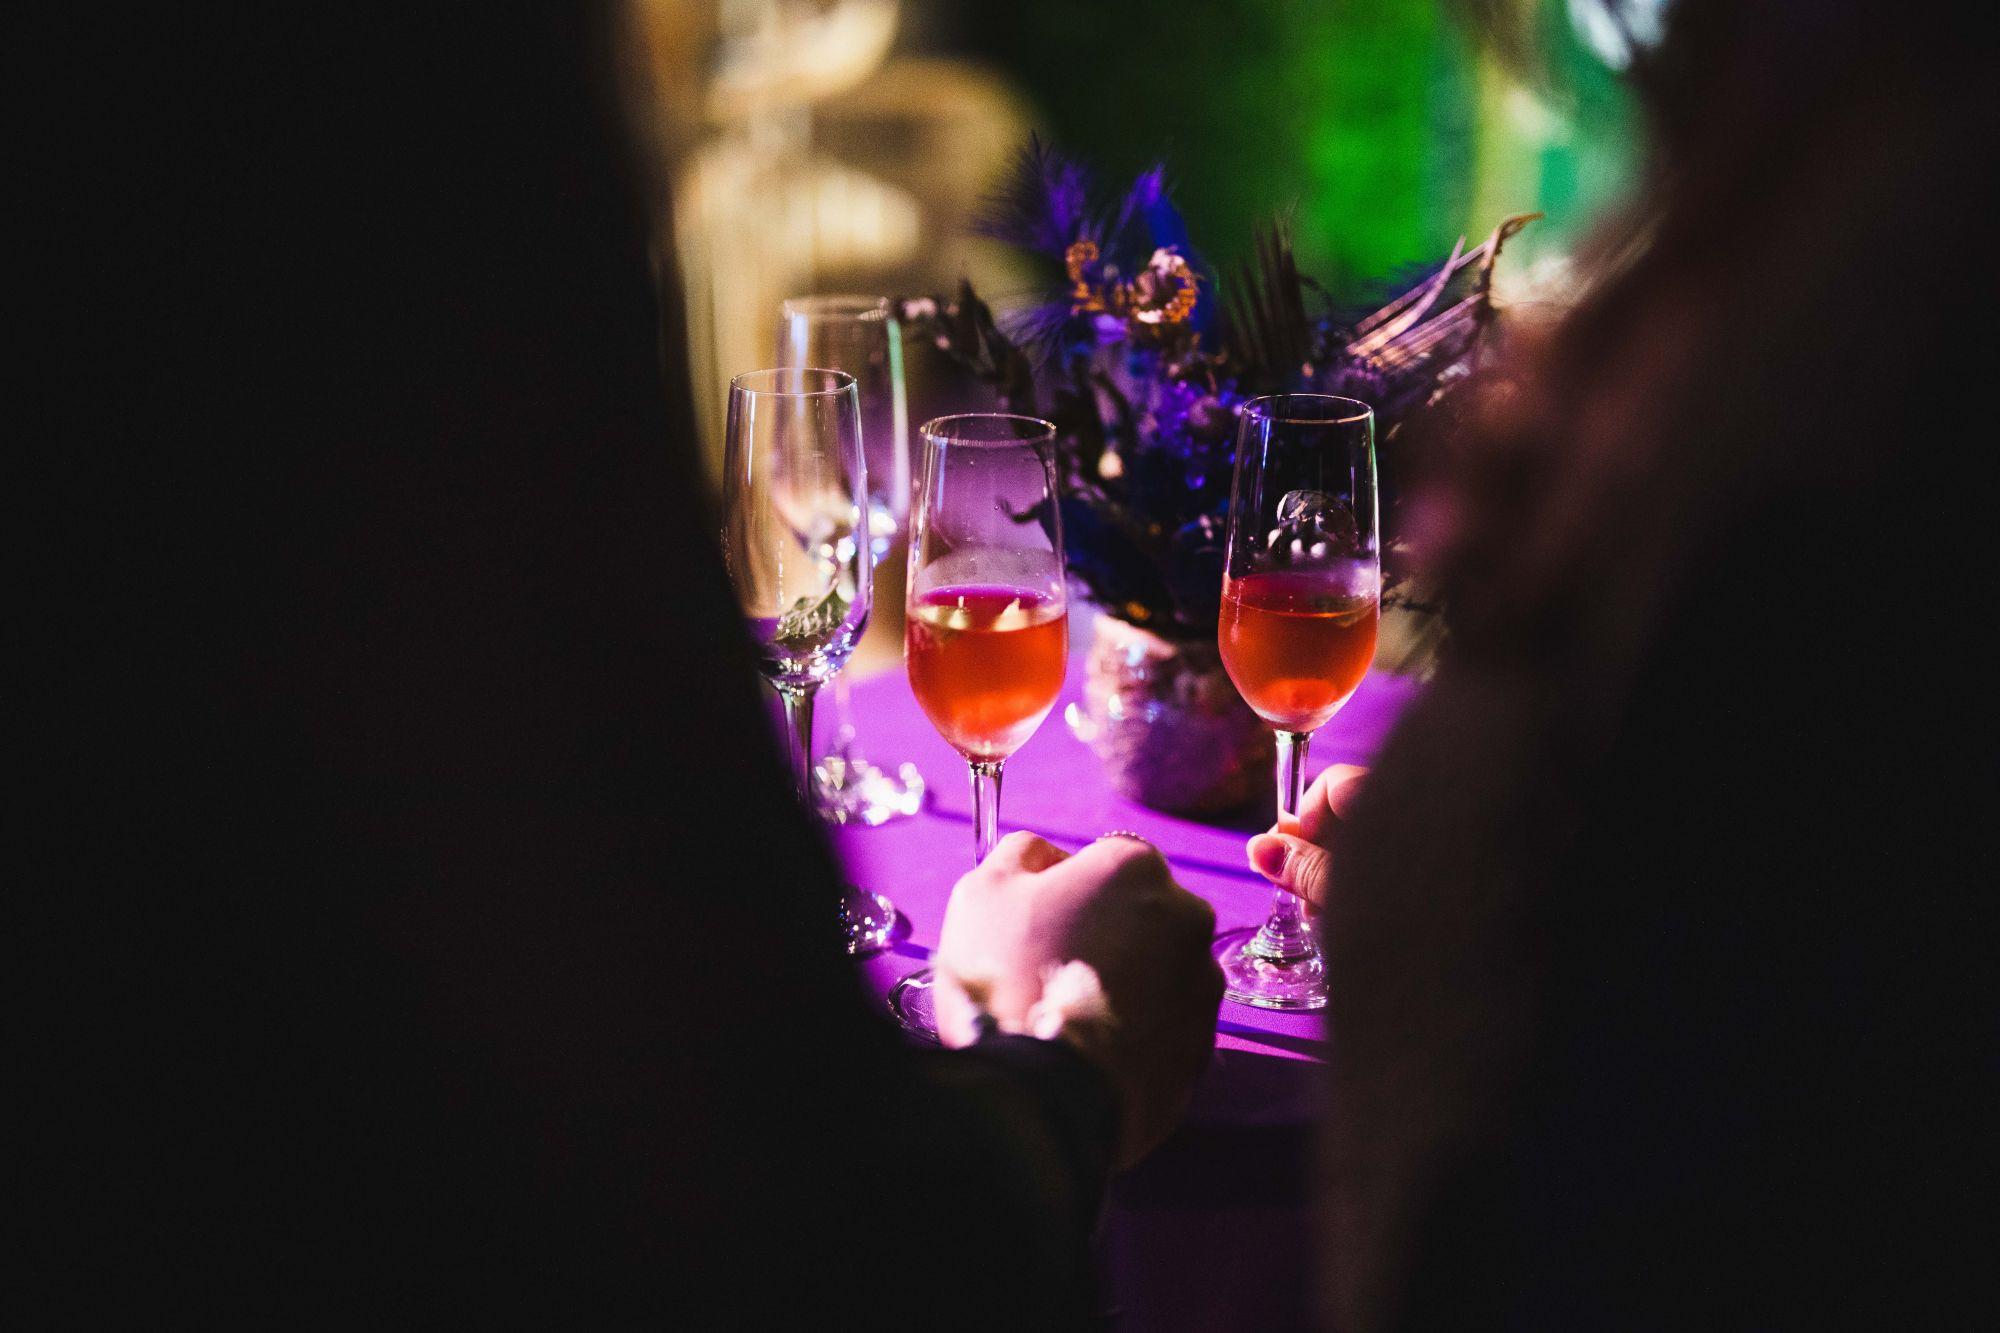 結合表演、飯店場域與調酒!《微醺大飯店》呈現全新的感官體驗